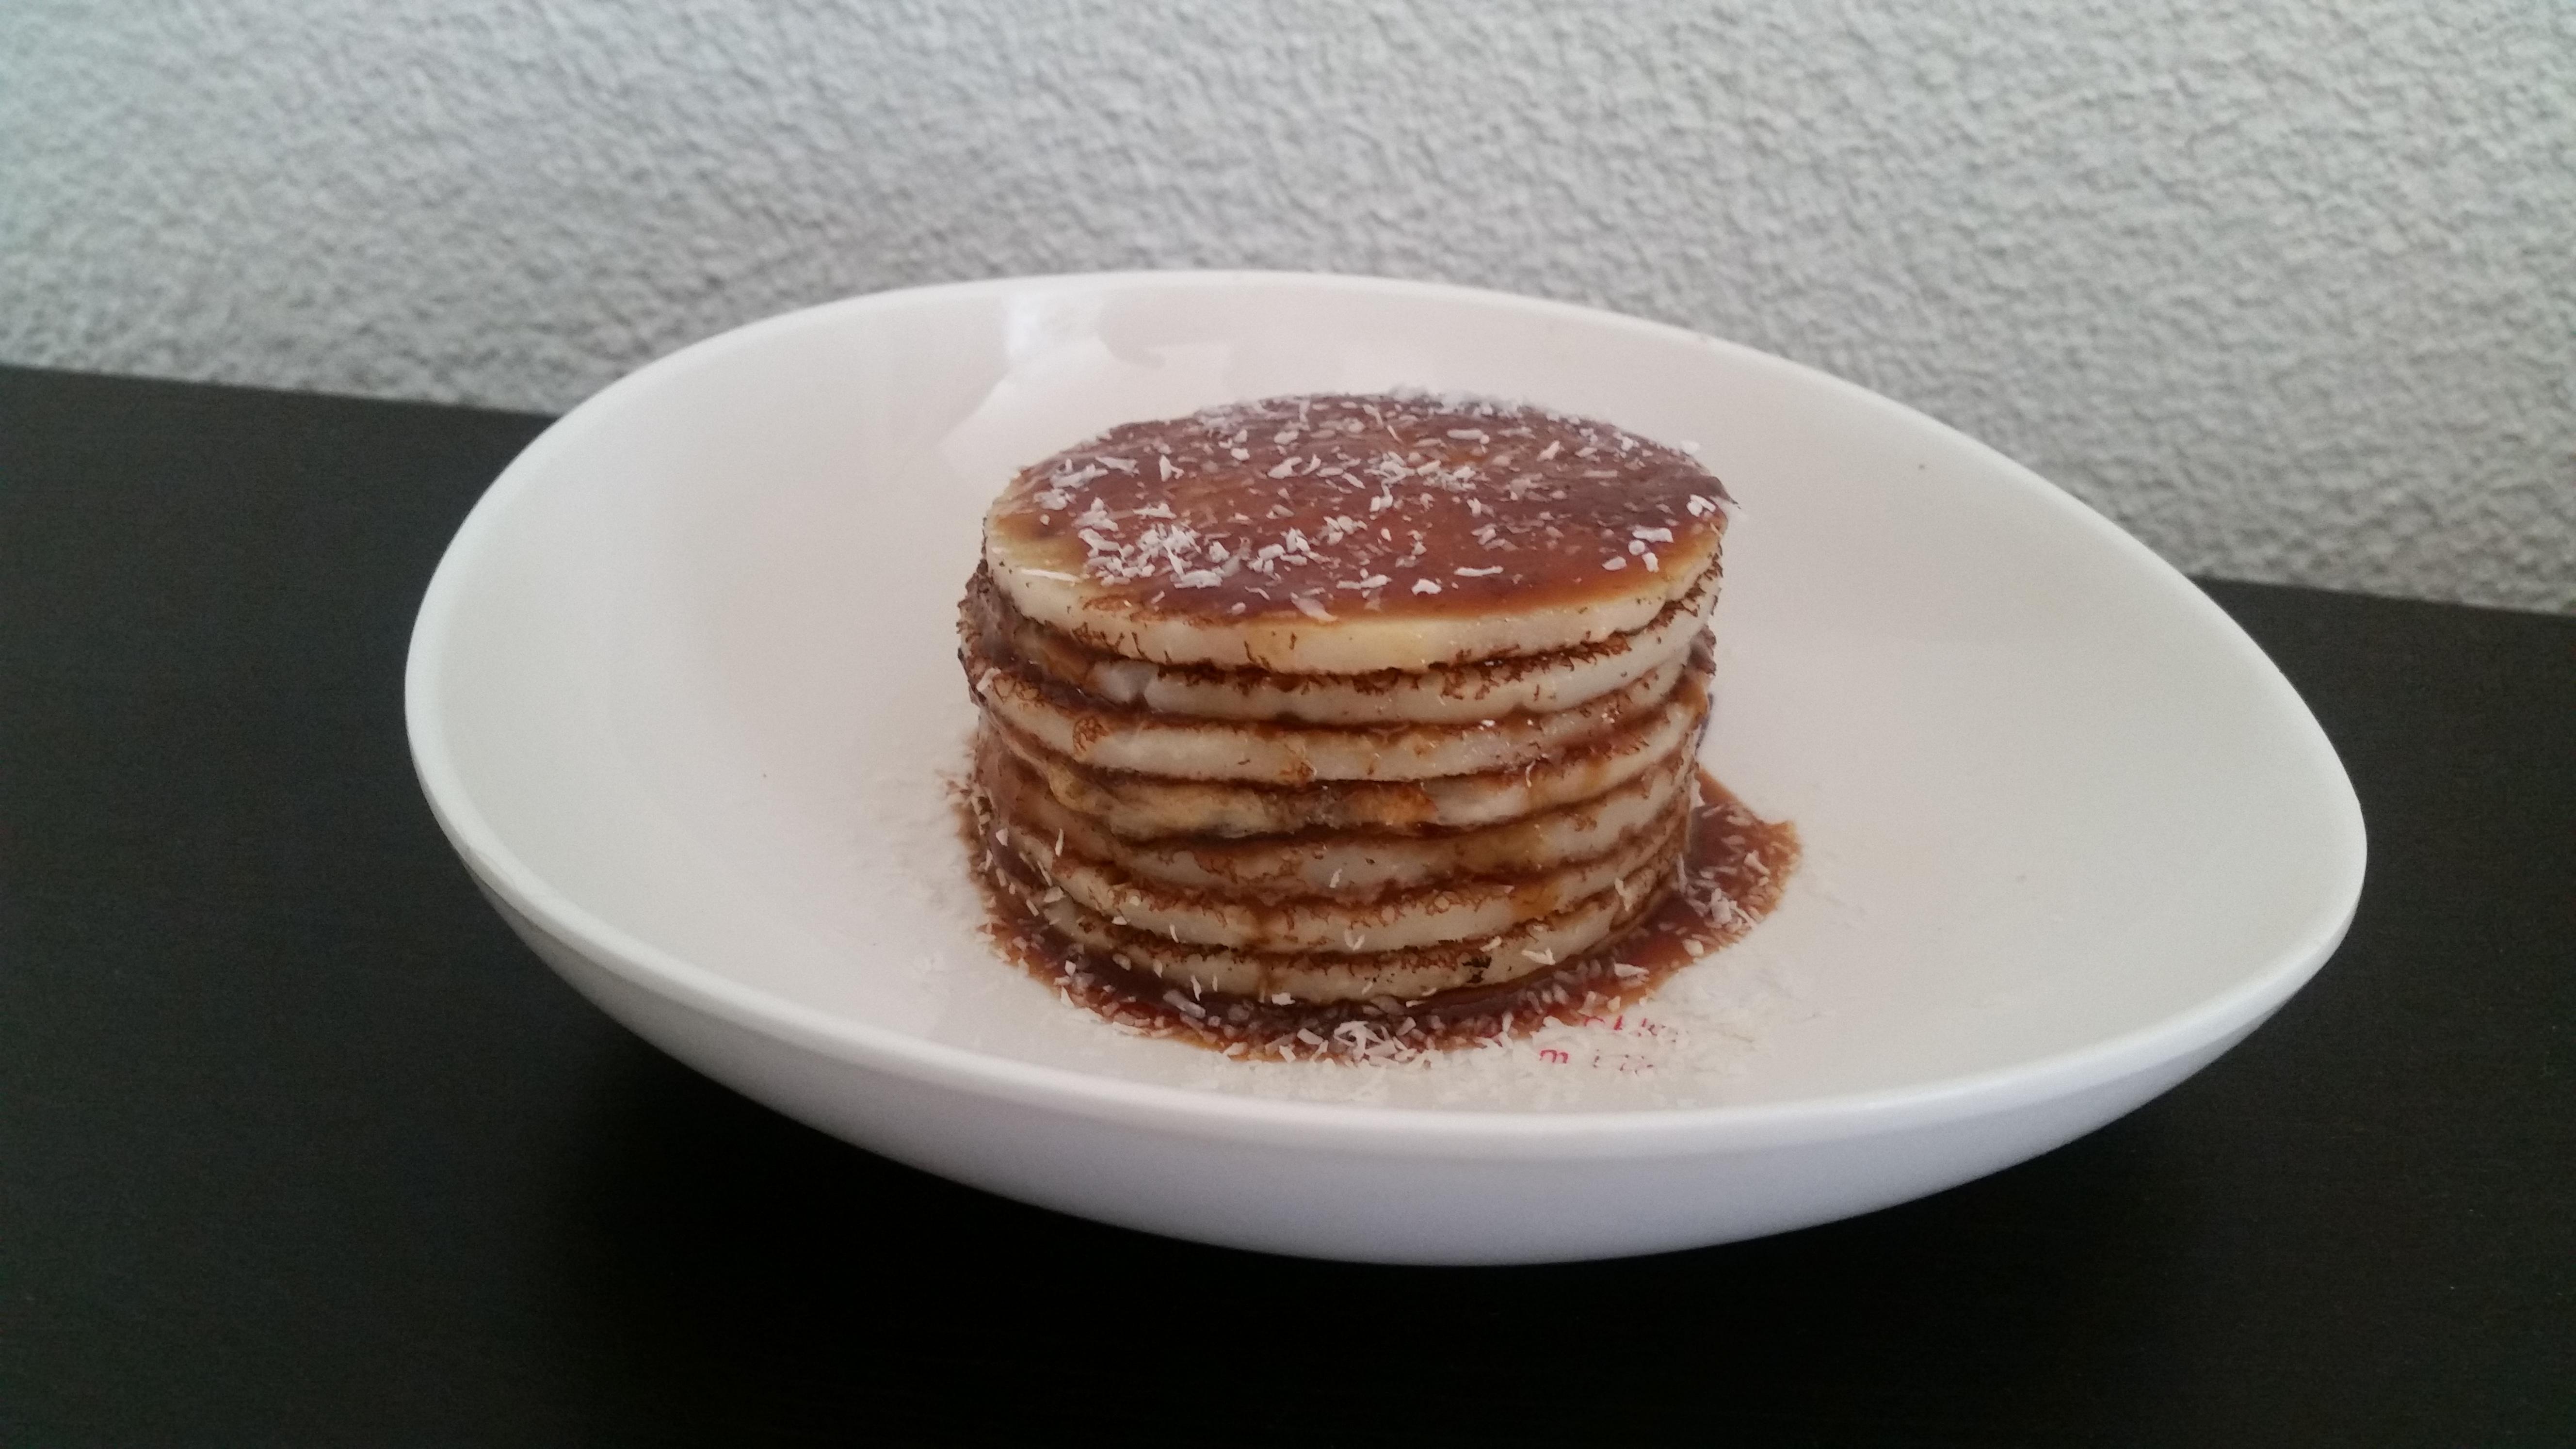 5-16-pannenkoeken-stapel-appelstroop-cocos-kokos-garnering-zonder-melk-zonder-ei-lekker-gezond-snack-ontbijt-lunch-lagen